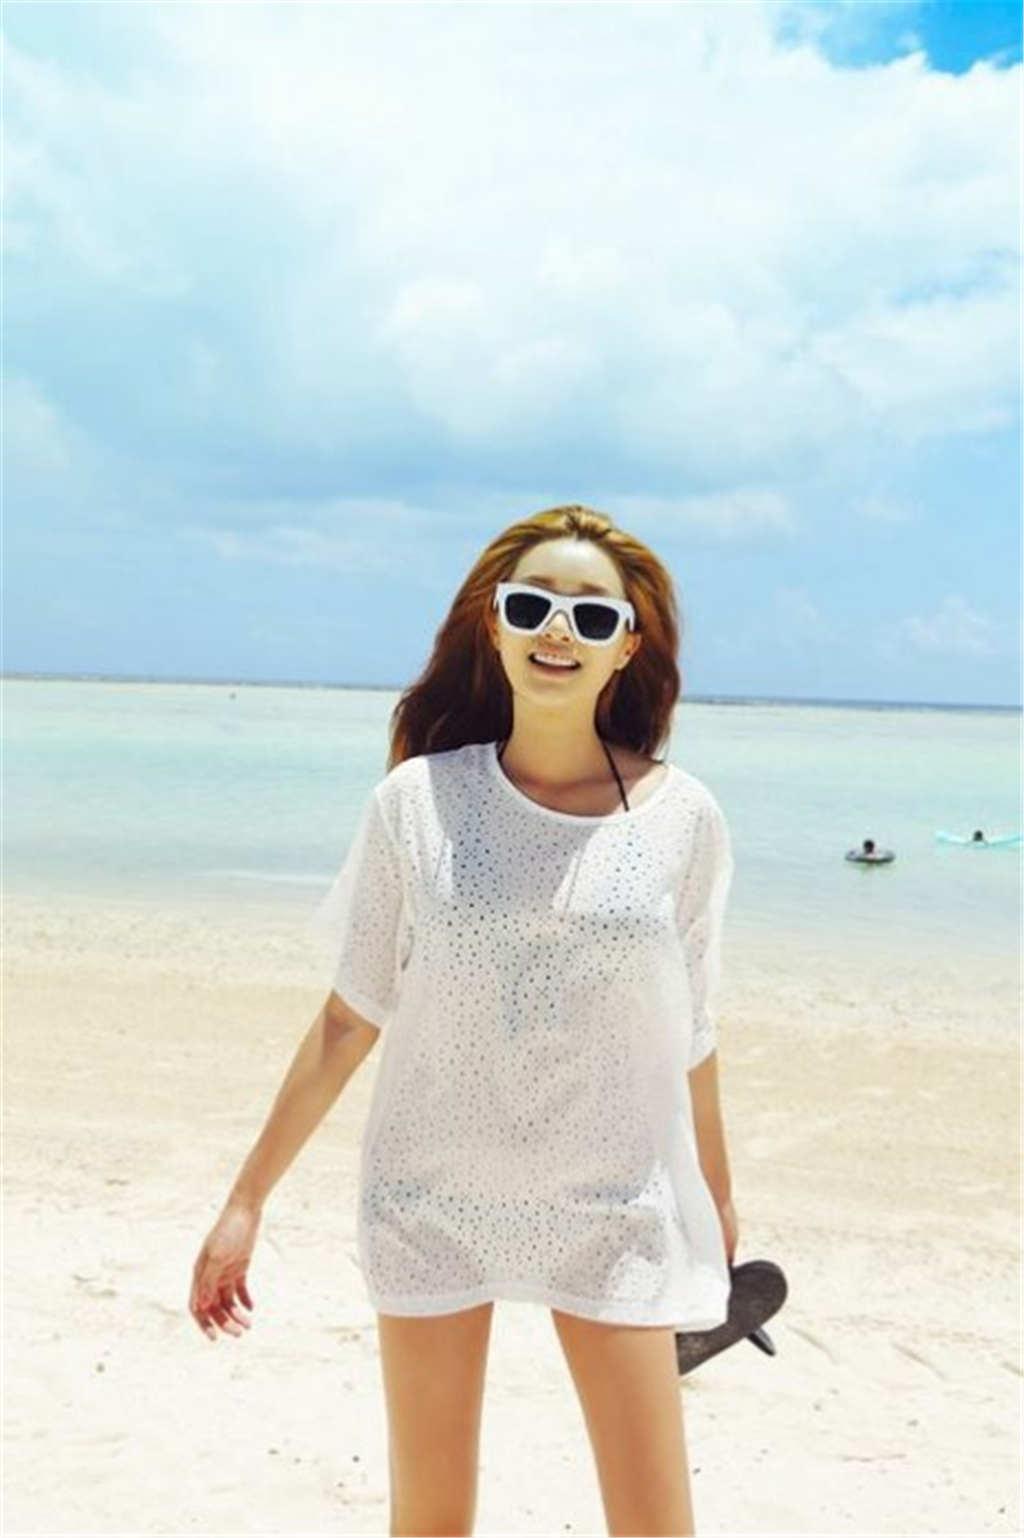 海边美女拿着拖鞋带着墨镜唯美图片(点击浏览下一张趣图)